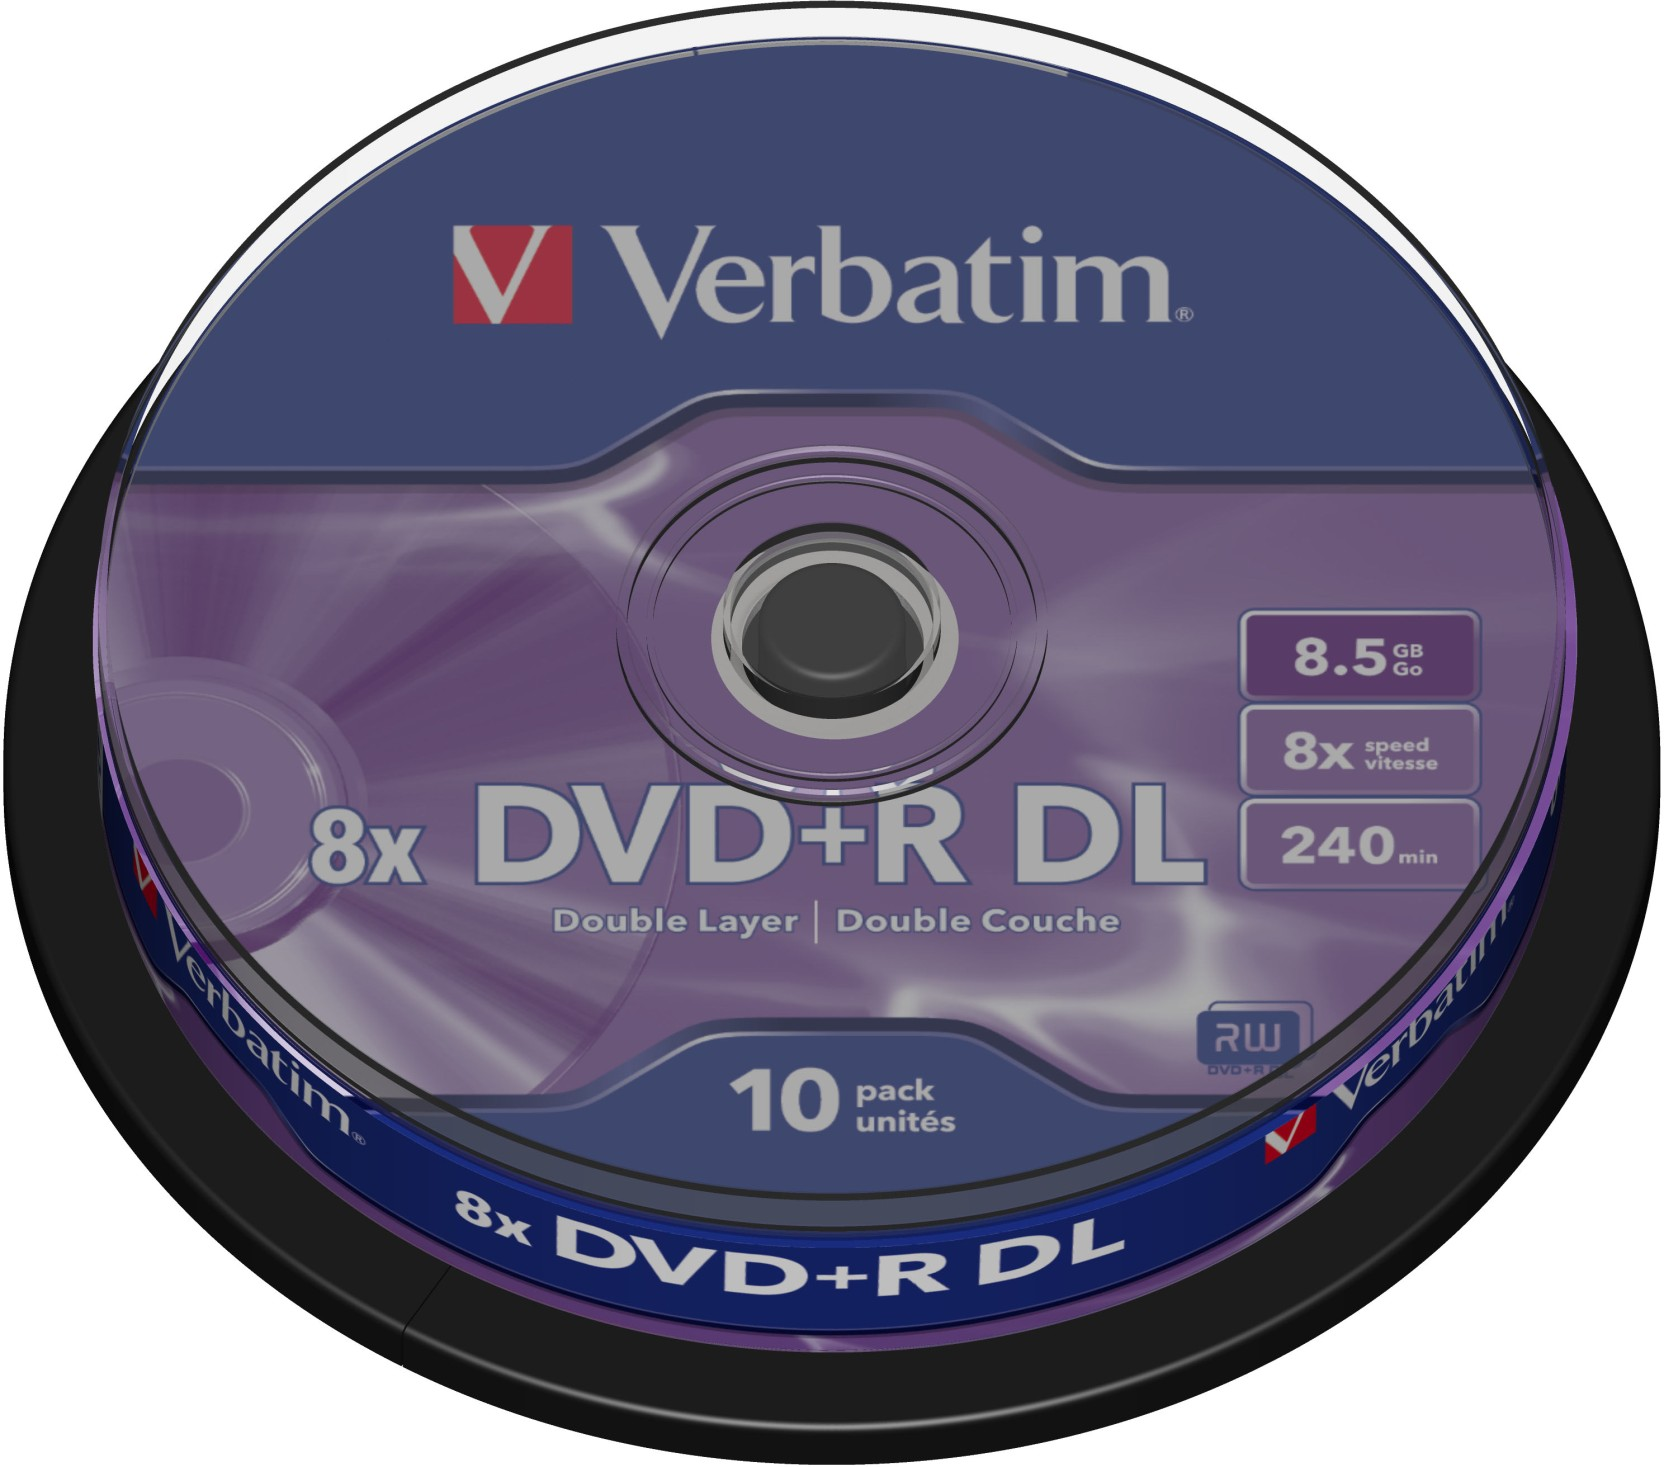 Verbatim Dvd R Dl 8 5gb 10 Pack Spindle Verbatim